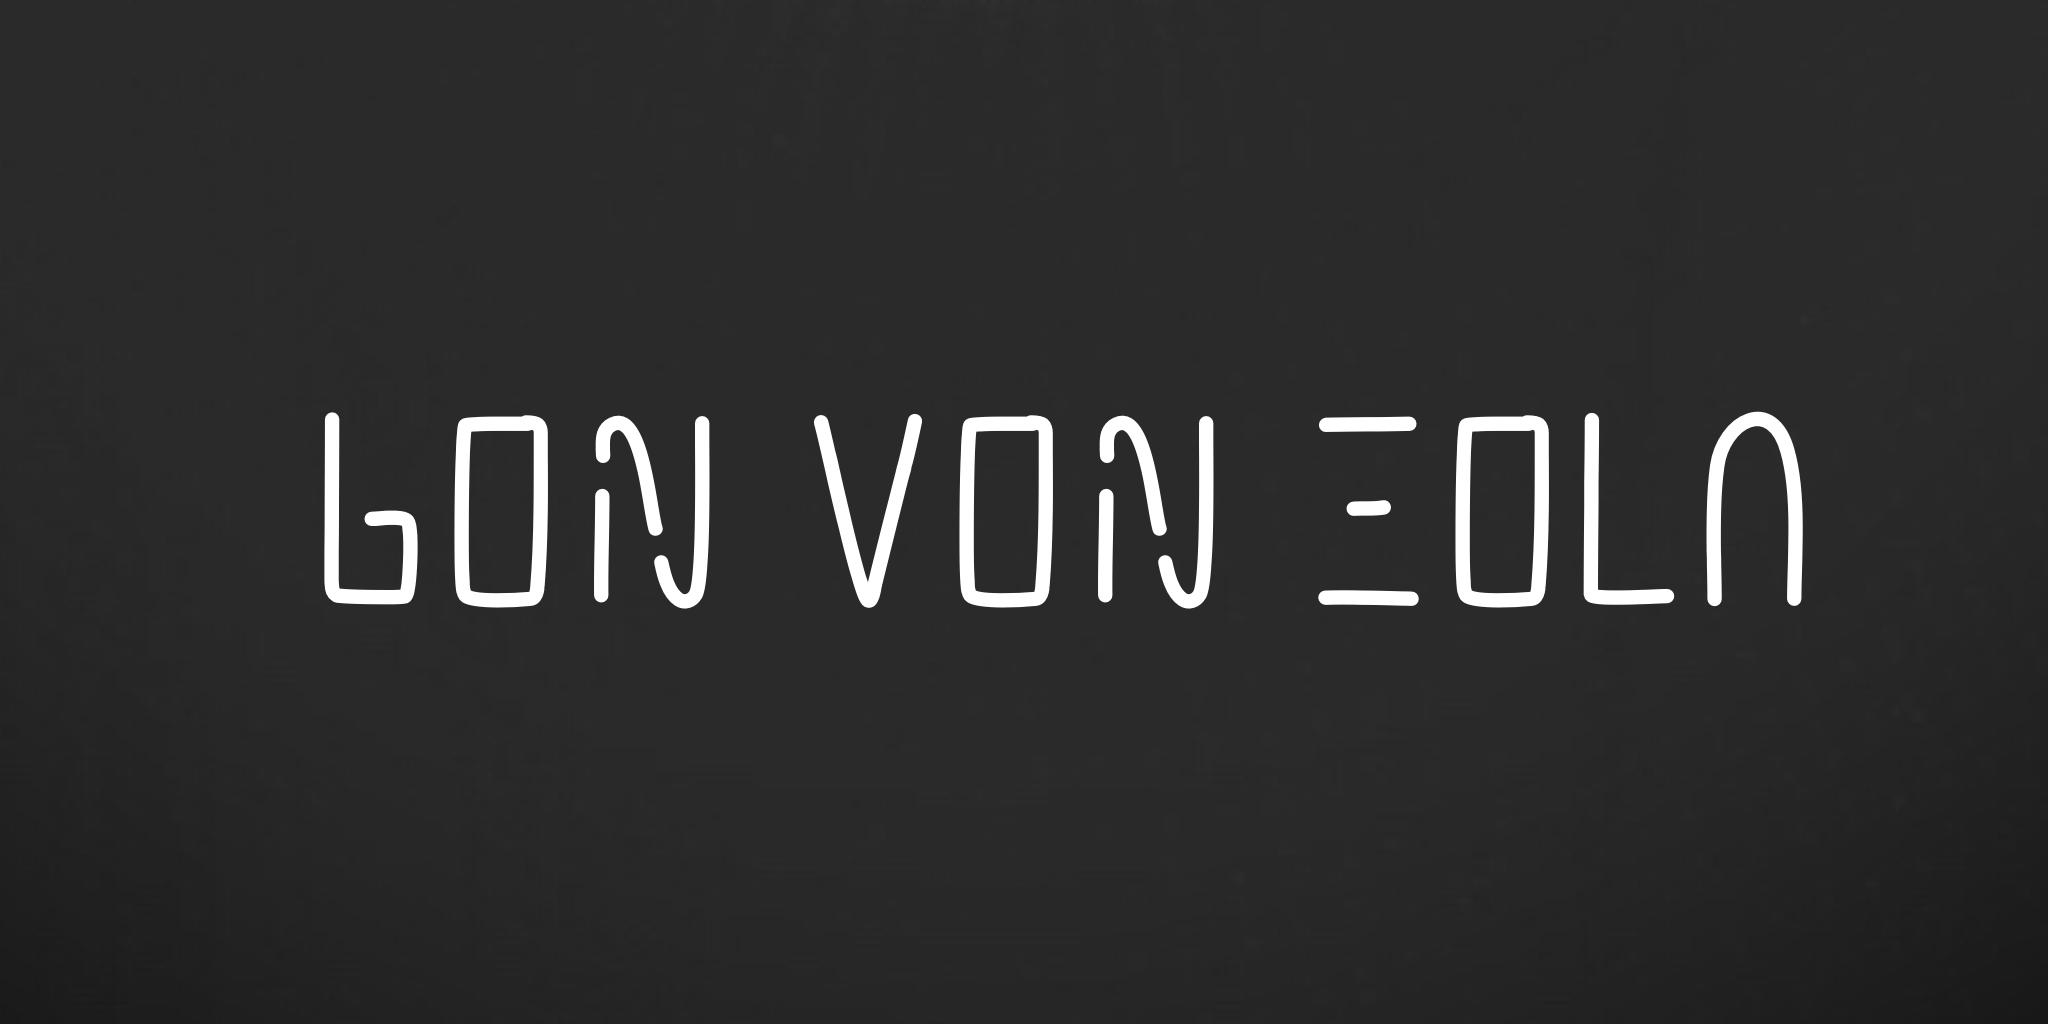 Gon von Zola Logo 2.PNG